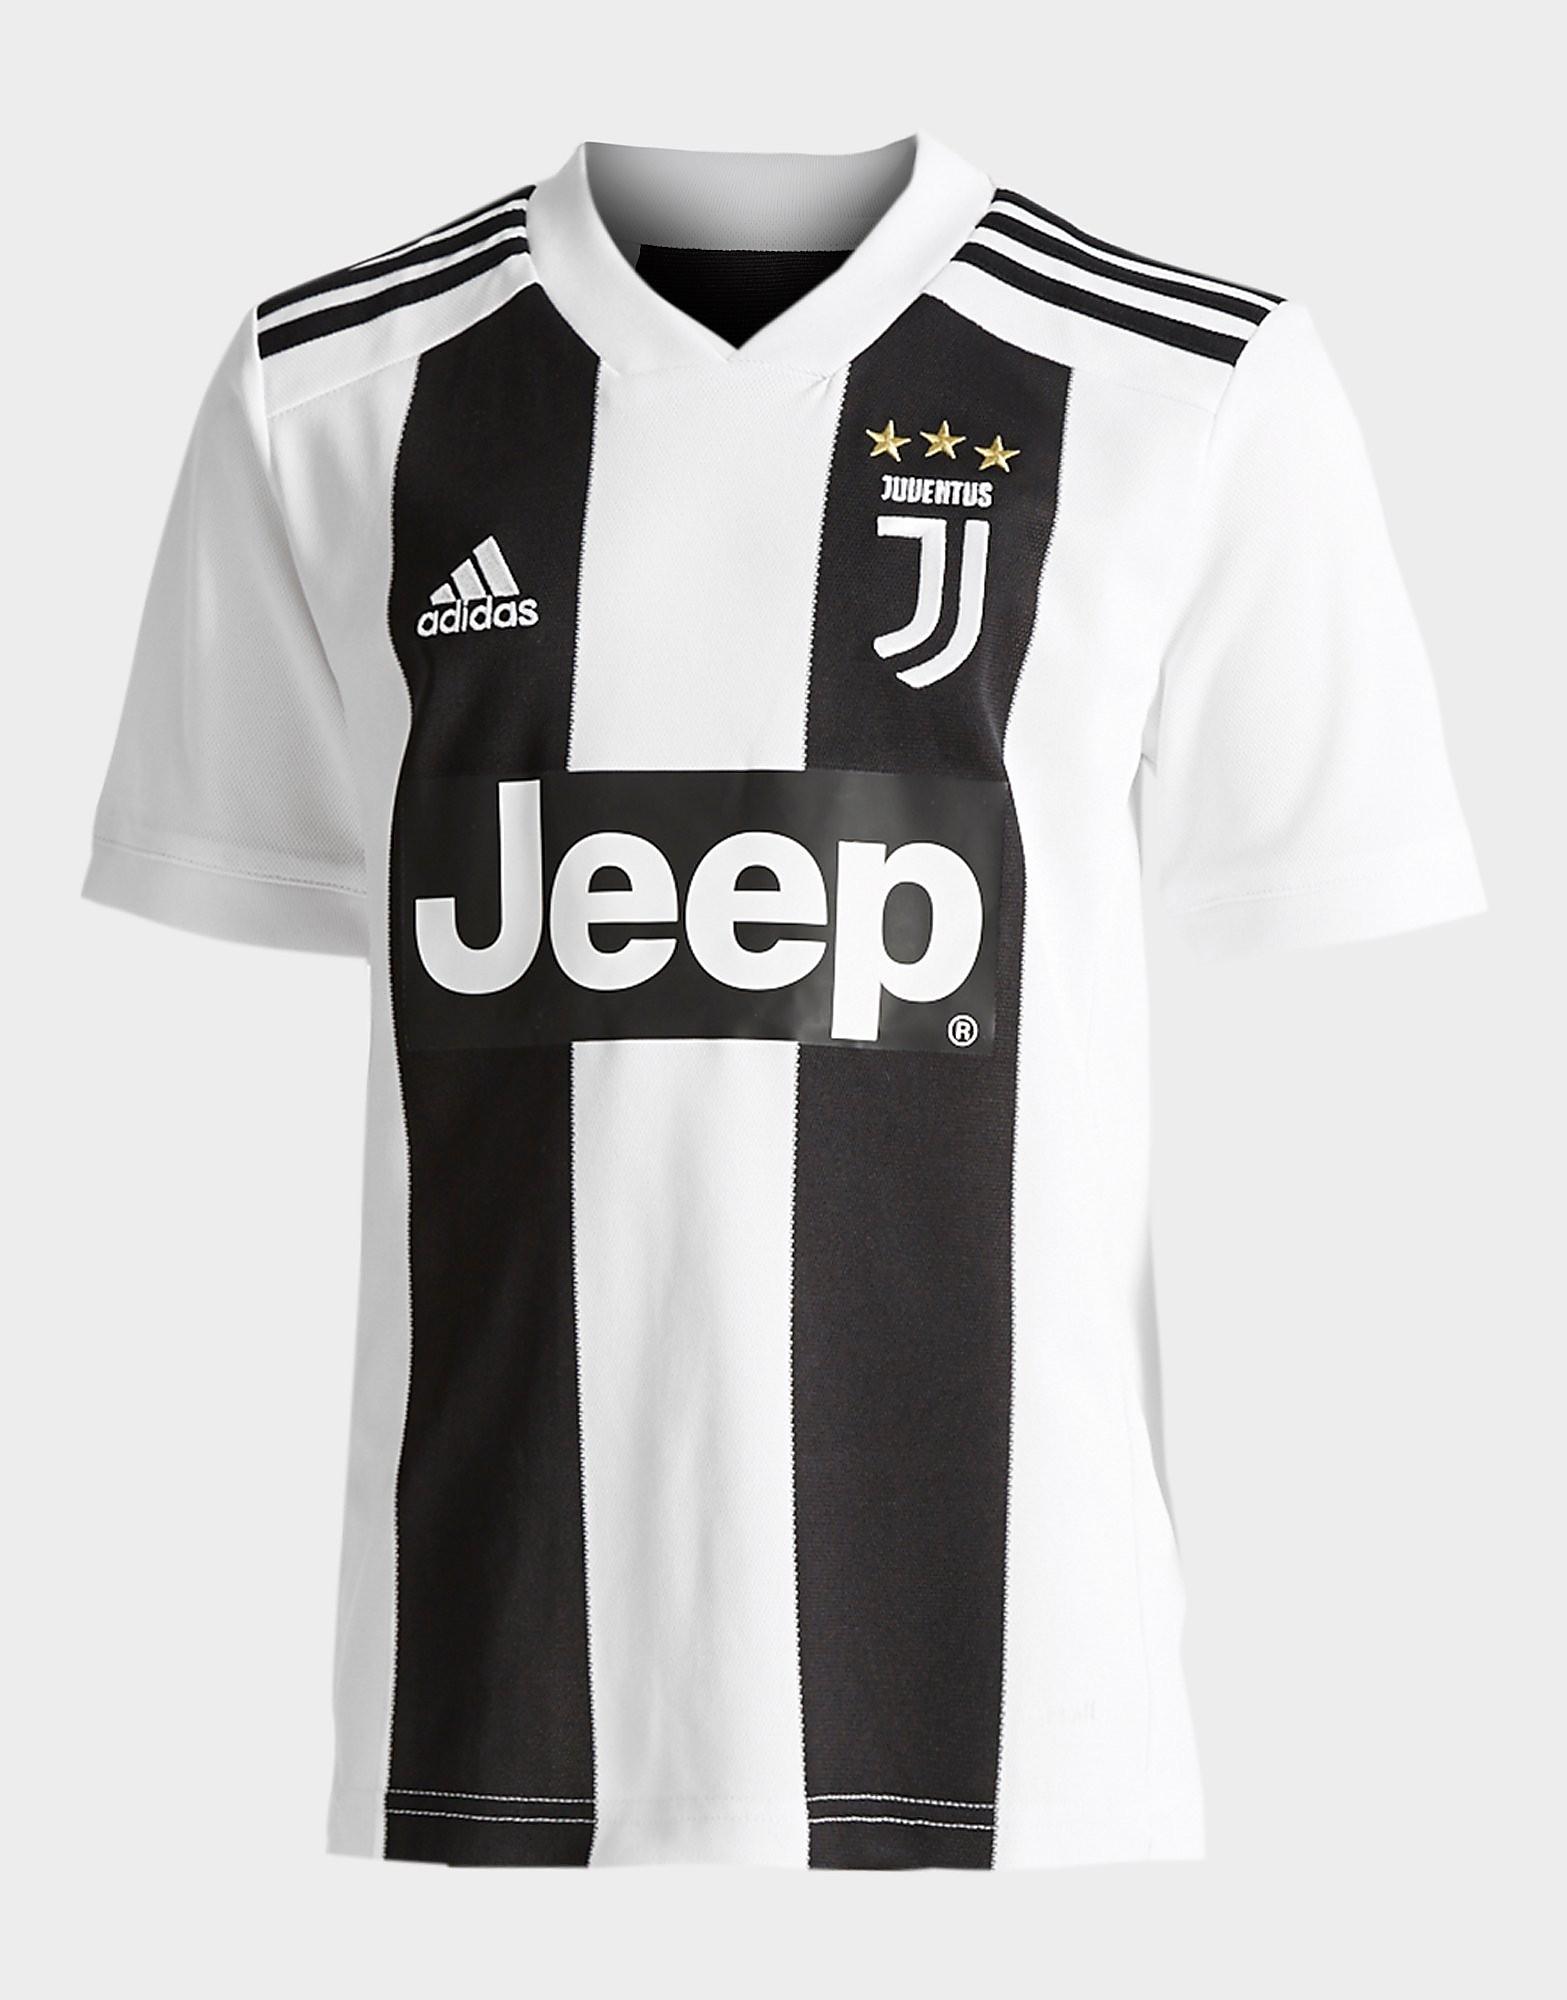 adidas Juventus 2018/19  Maglia Home Junior PREORDINE